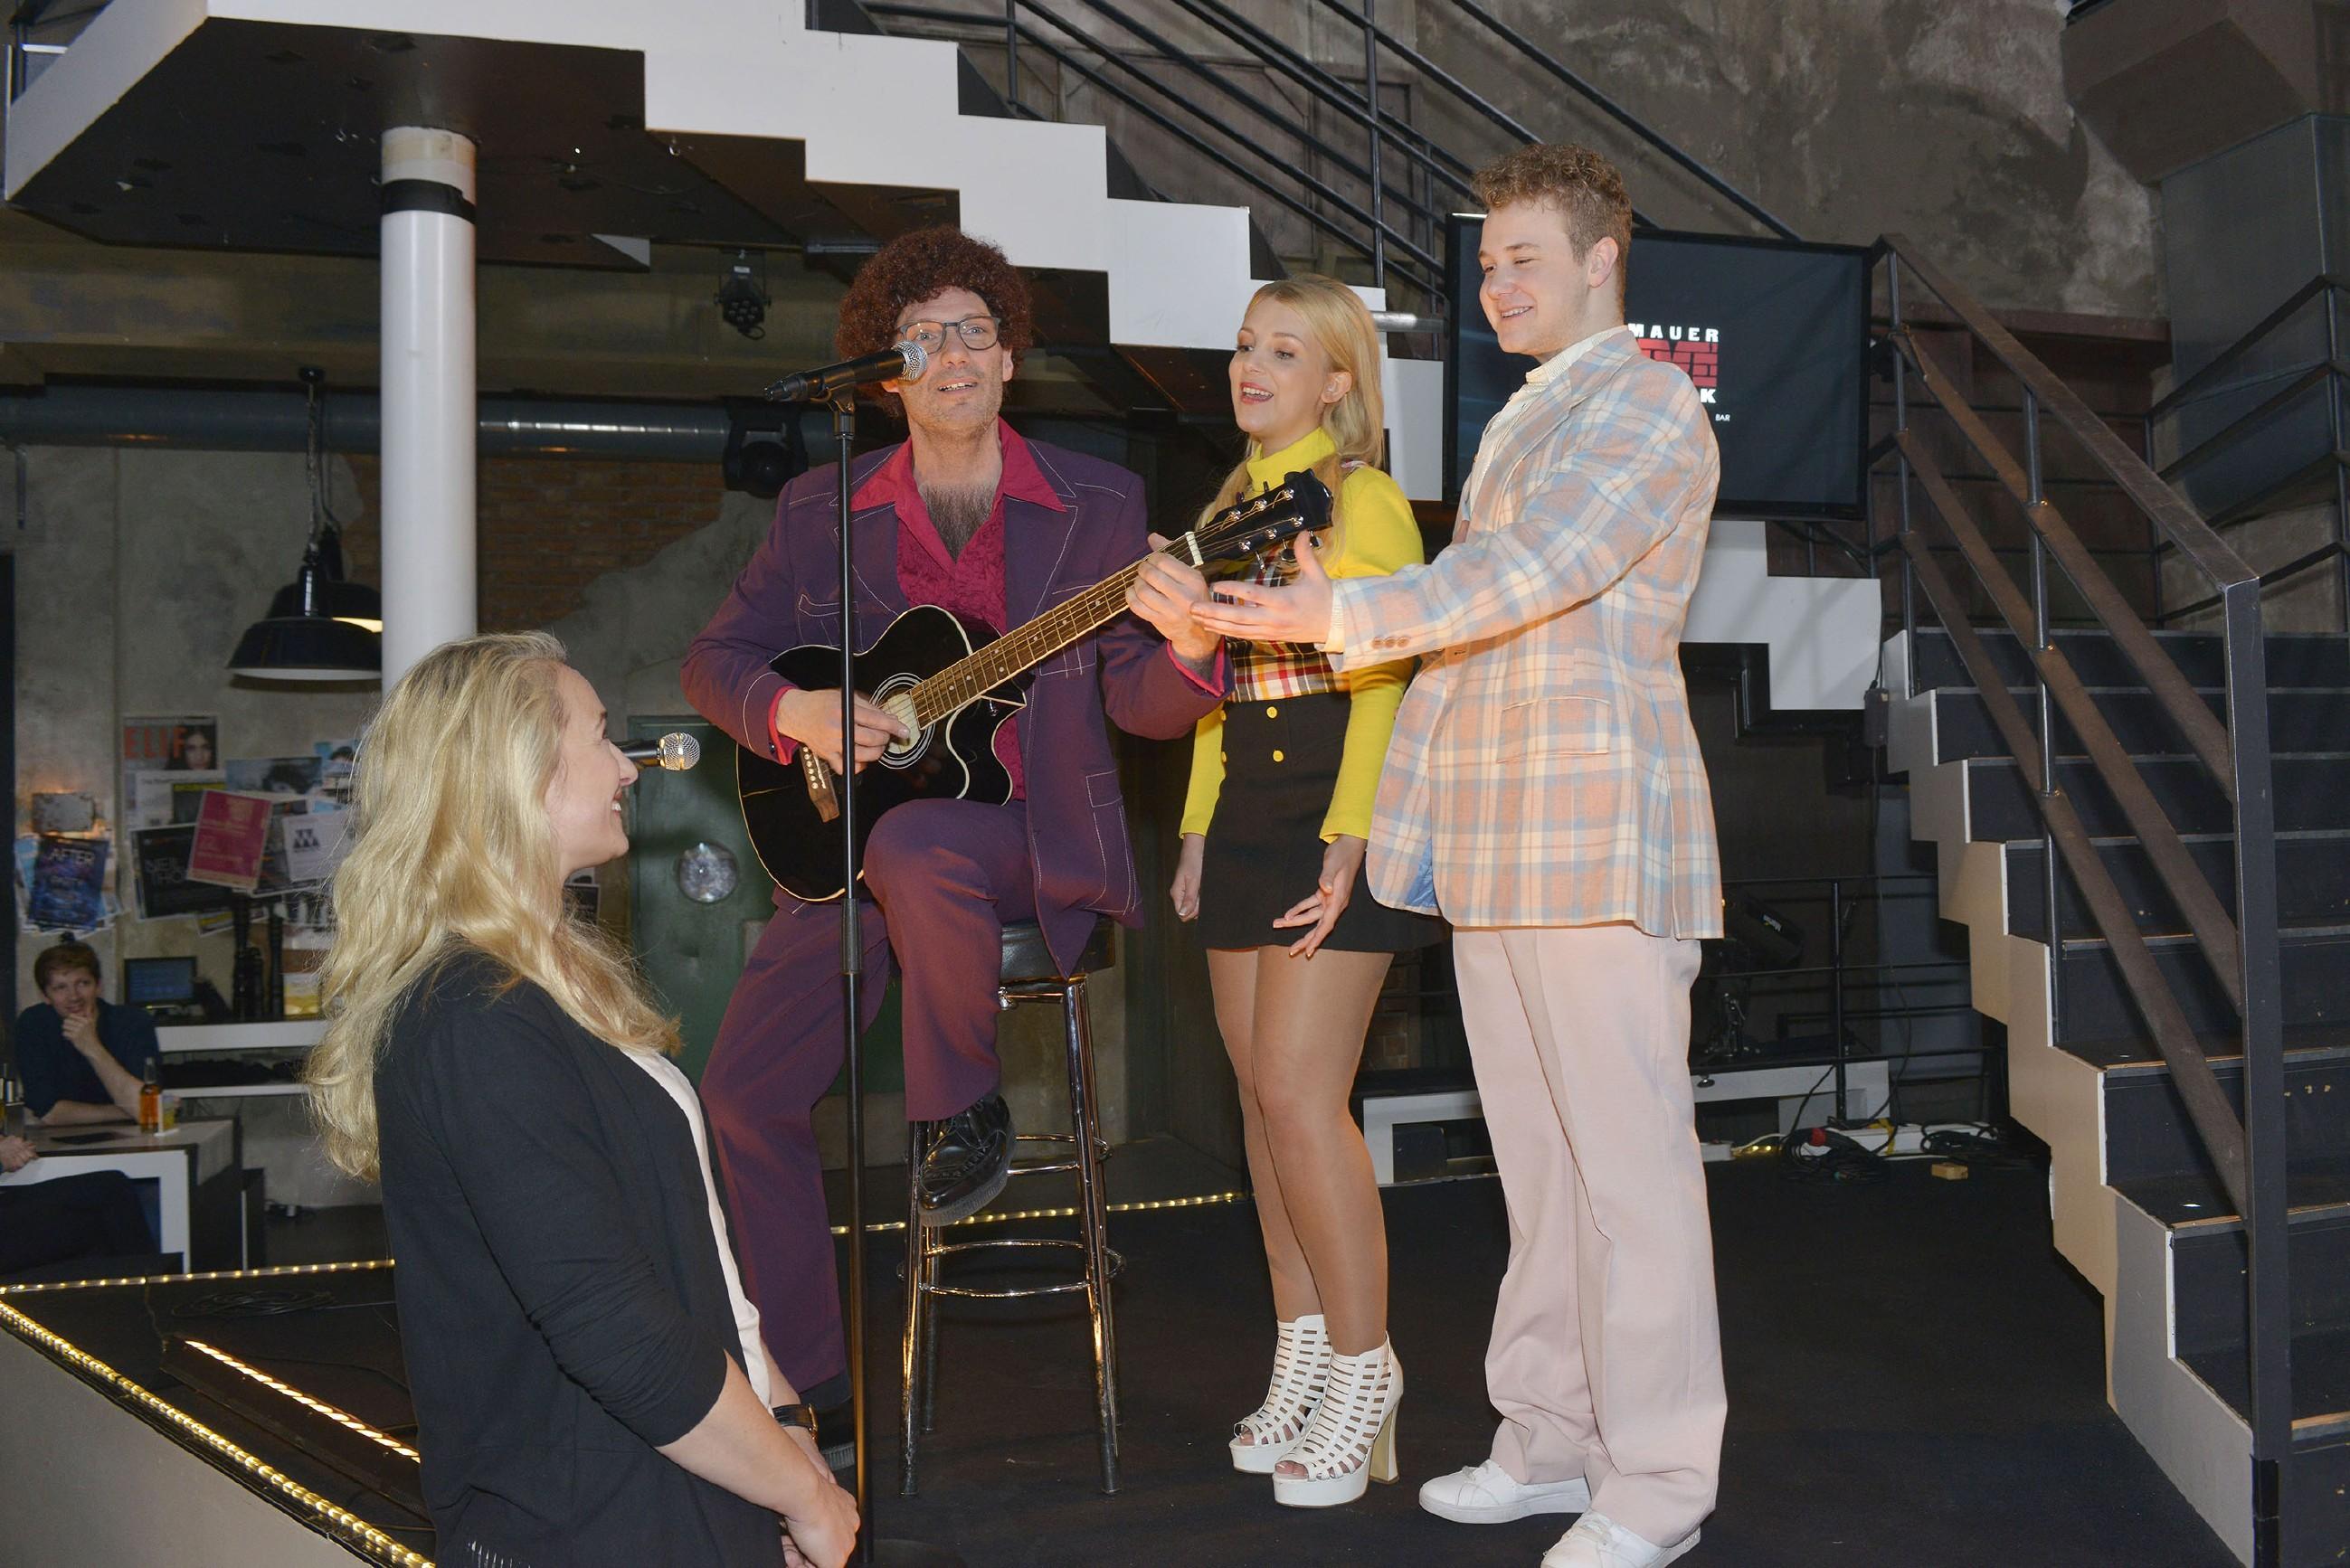 Alexander (Clemens Löhr, 2.v.l.), Lilly (Iris Mareike Steen, 2.v.r.) und Jonas (Felix van Deventer) überraschen Maren (Eva Mona Rodekirchen) zu ihrem Geburtstag mit einem selbst komponierten Song. (Quelle: RTL / Rolf Baumgartner)